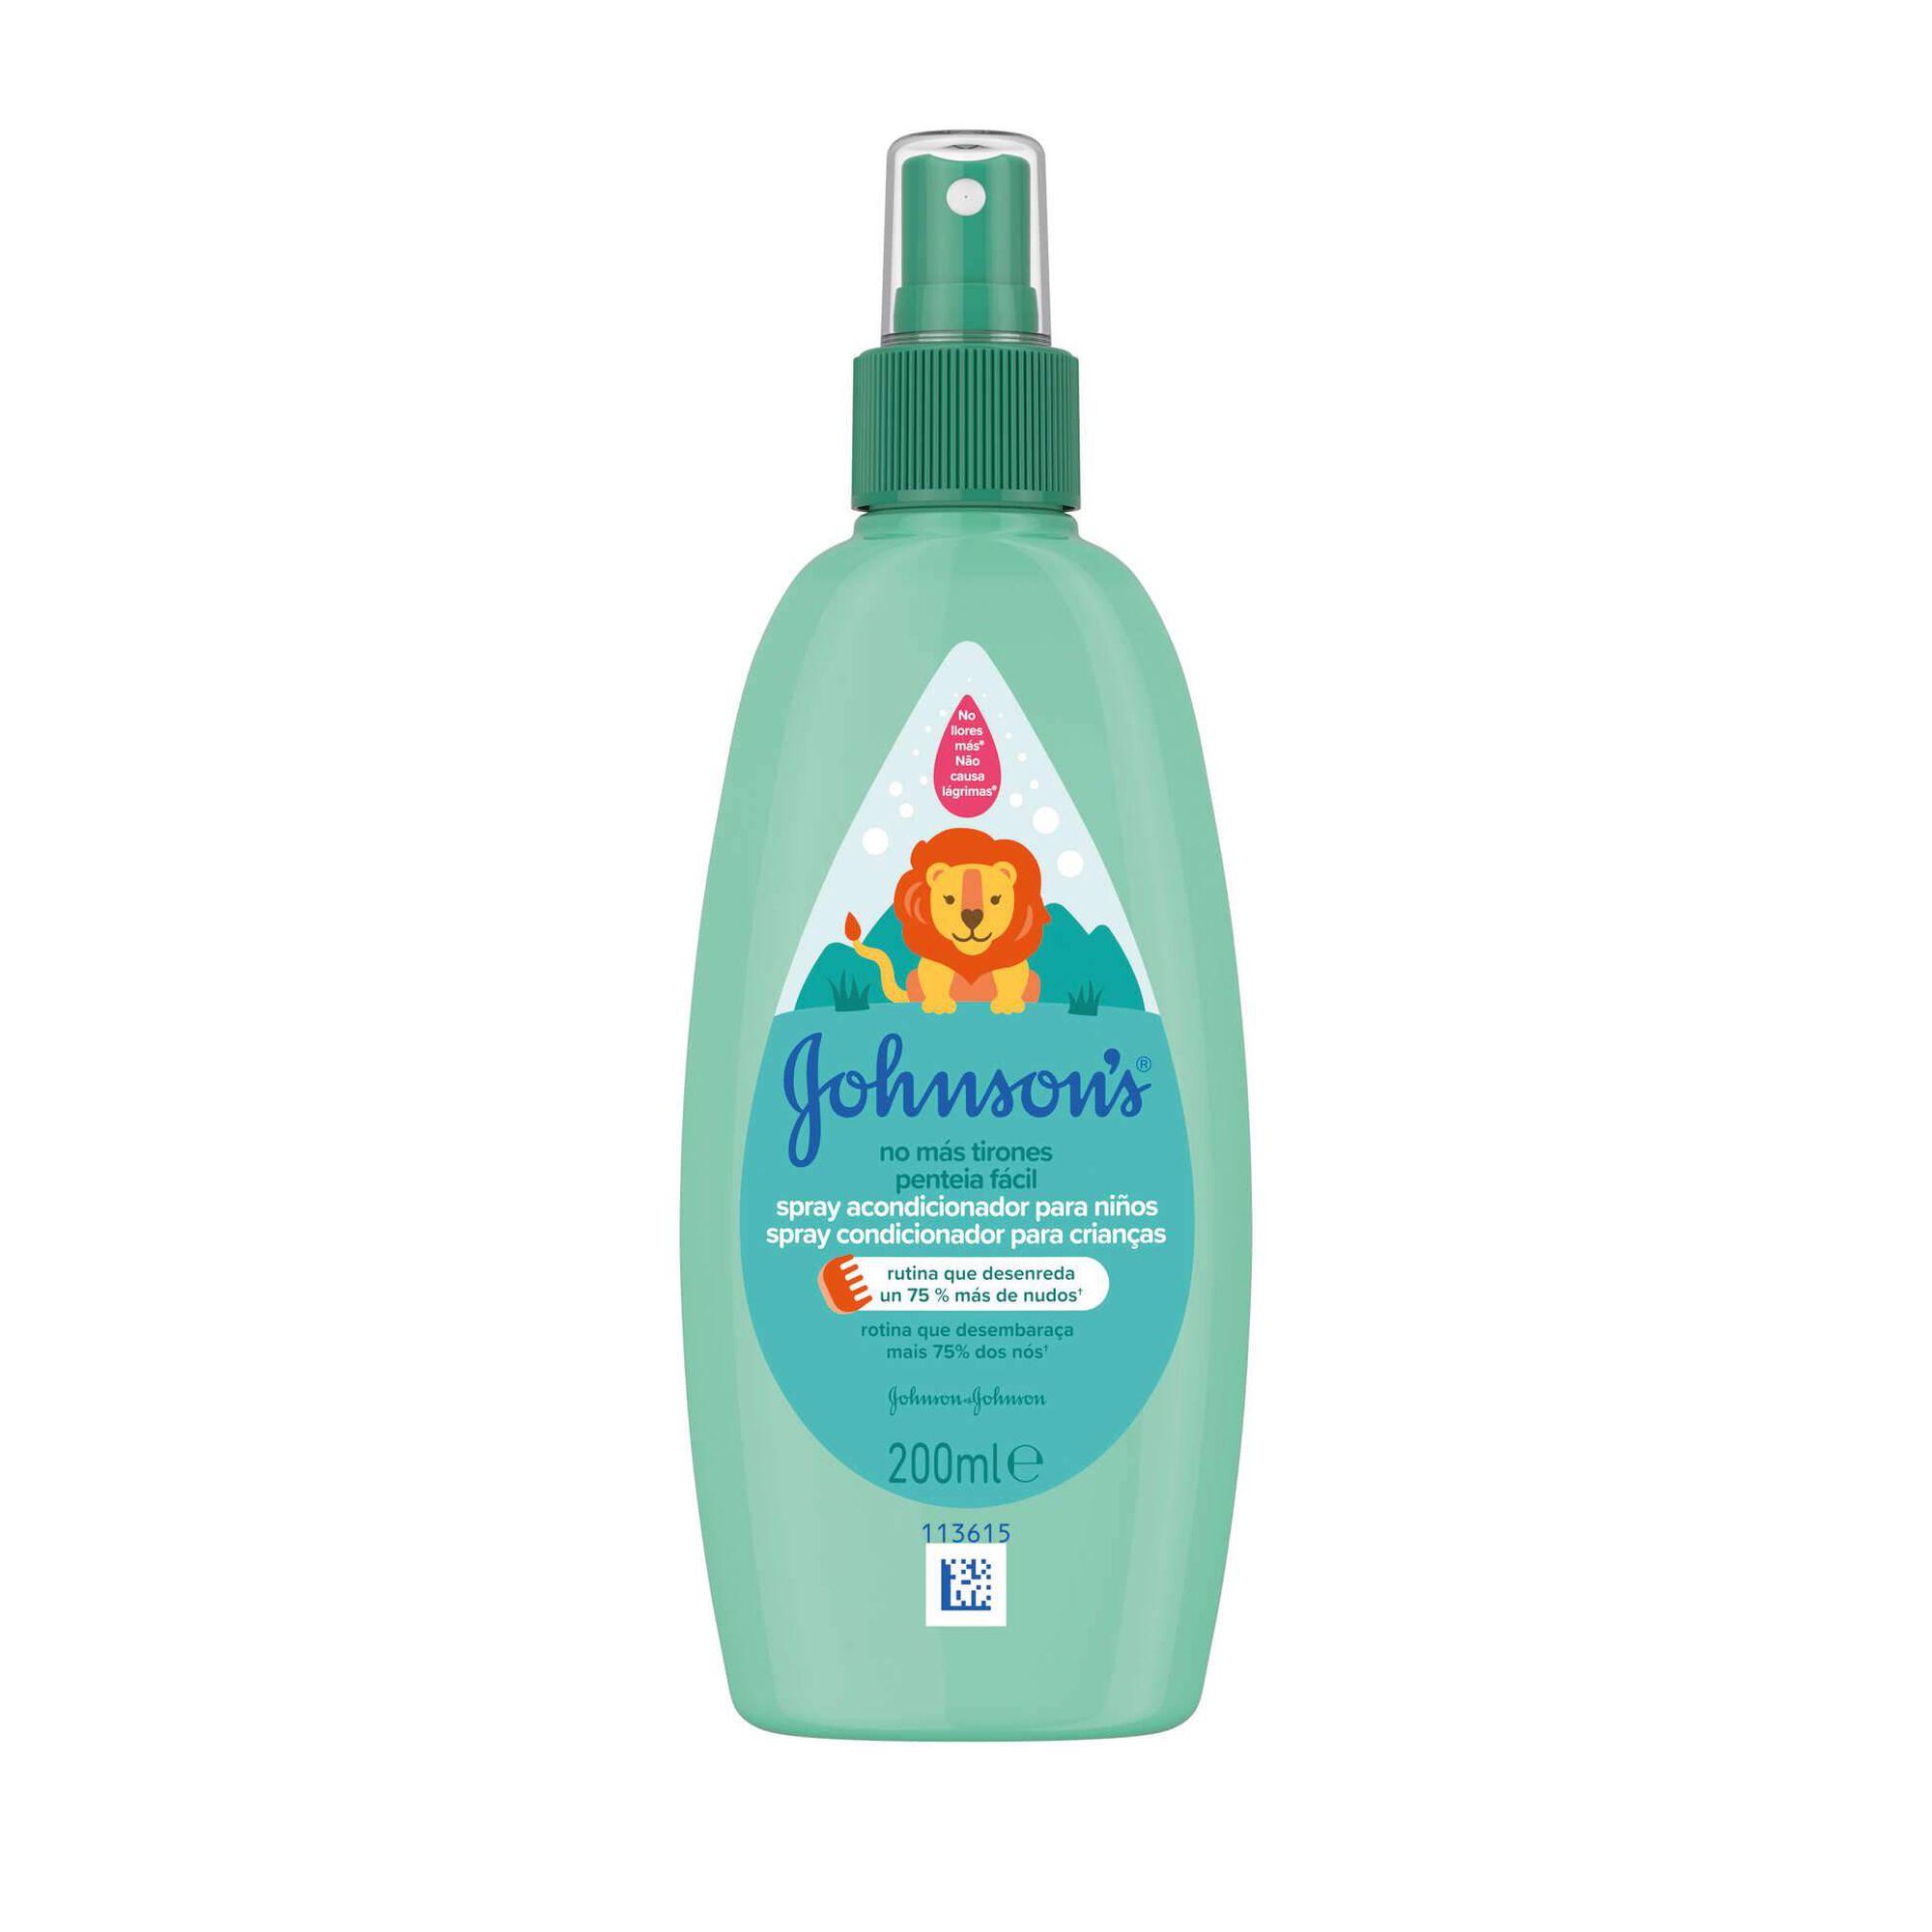 Condicionador Spray Penteia Fácil para Crianças